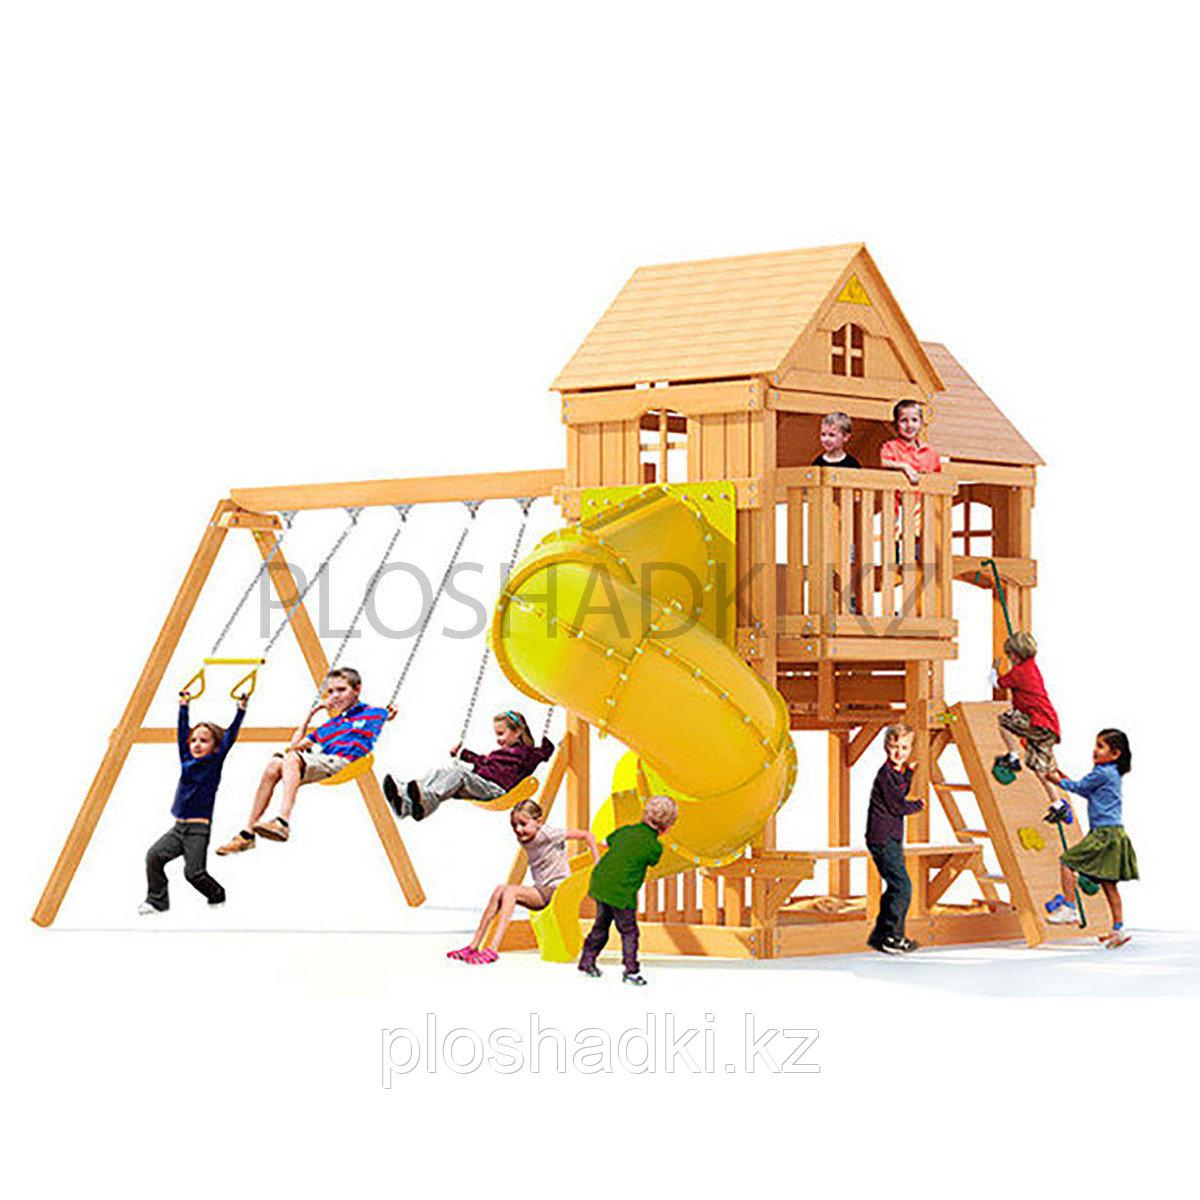 Детская площадка «Рама» с трубой, качелями, скалодромом